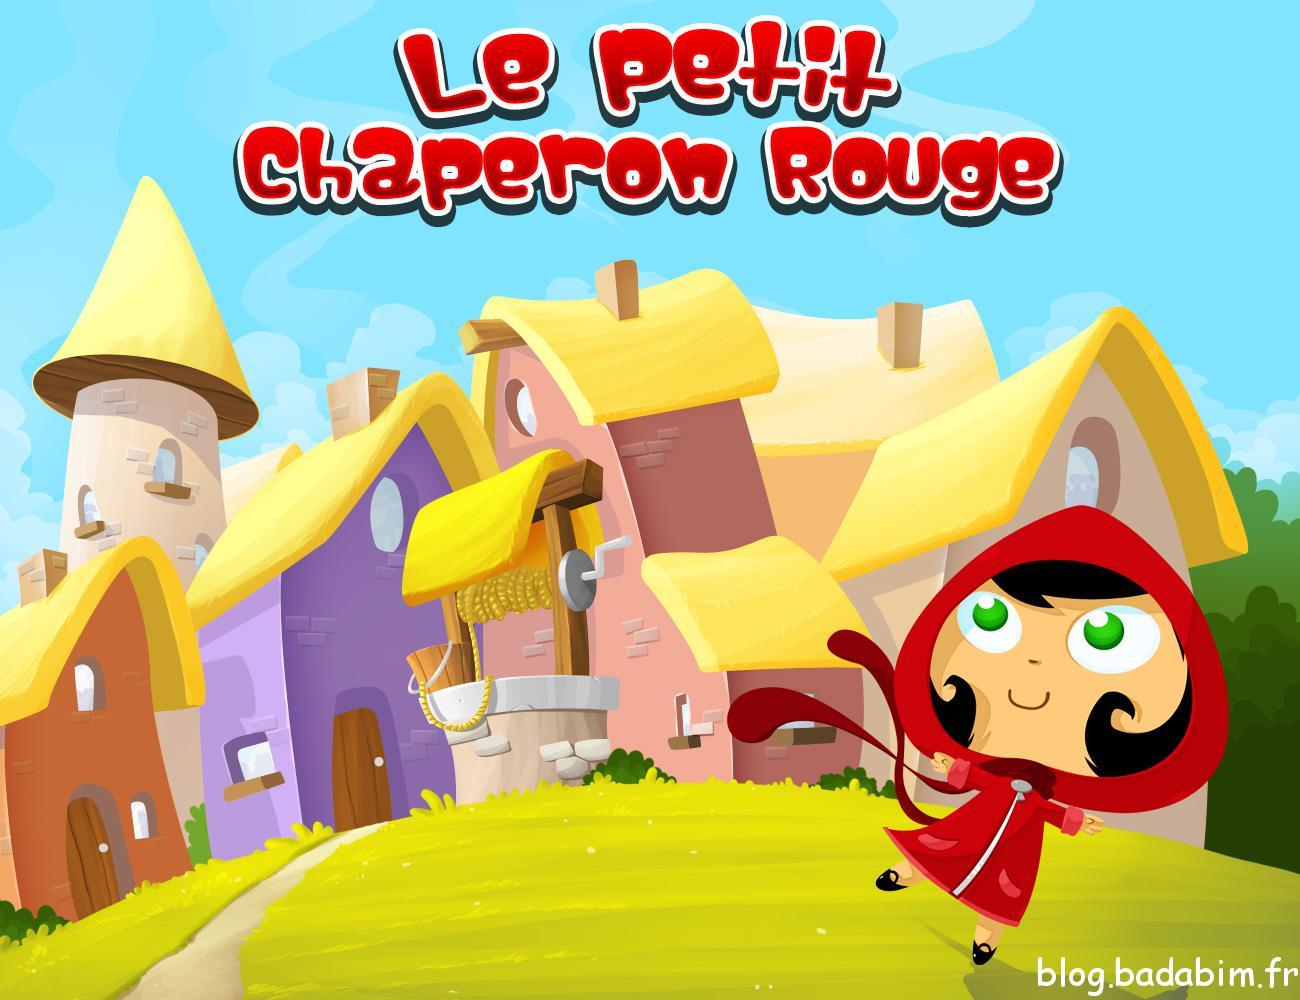 Le Petit Chaperon rouge est l